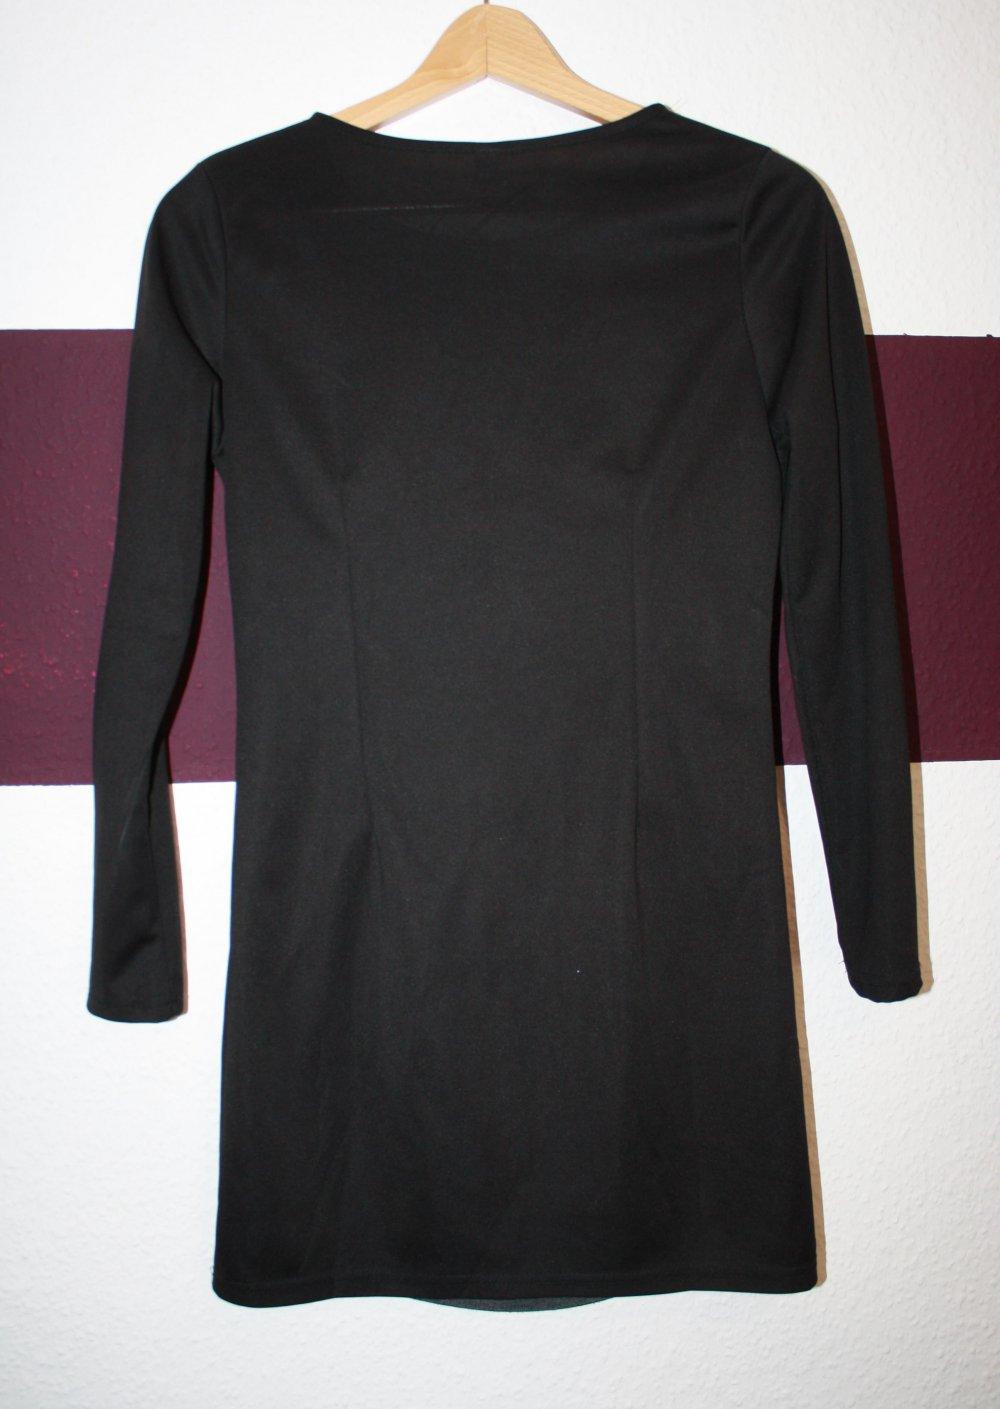 Bodycon Kleid, mittelgrau schwarz, Langarm, Raffung ...